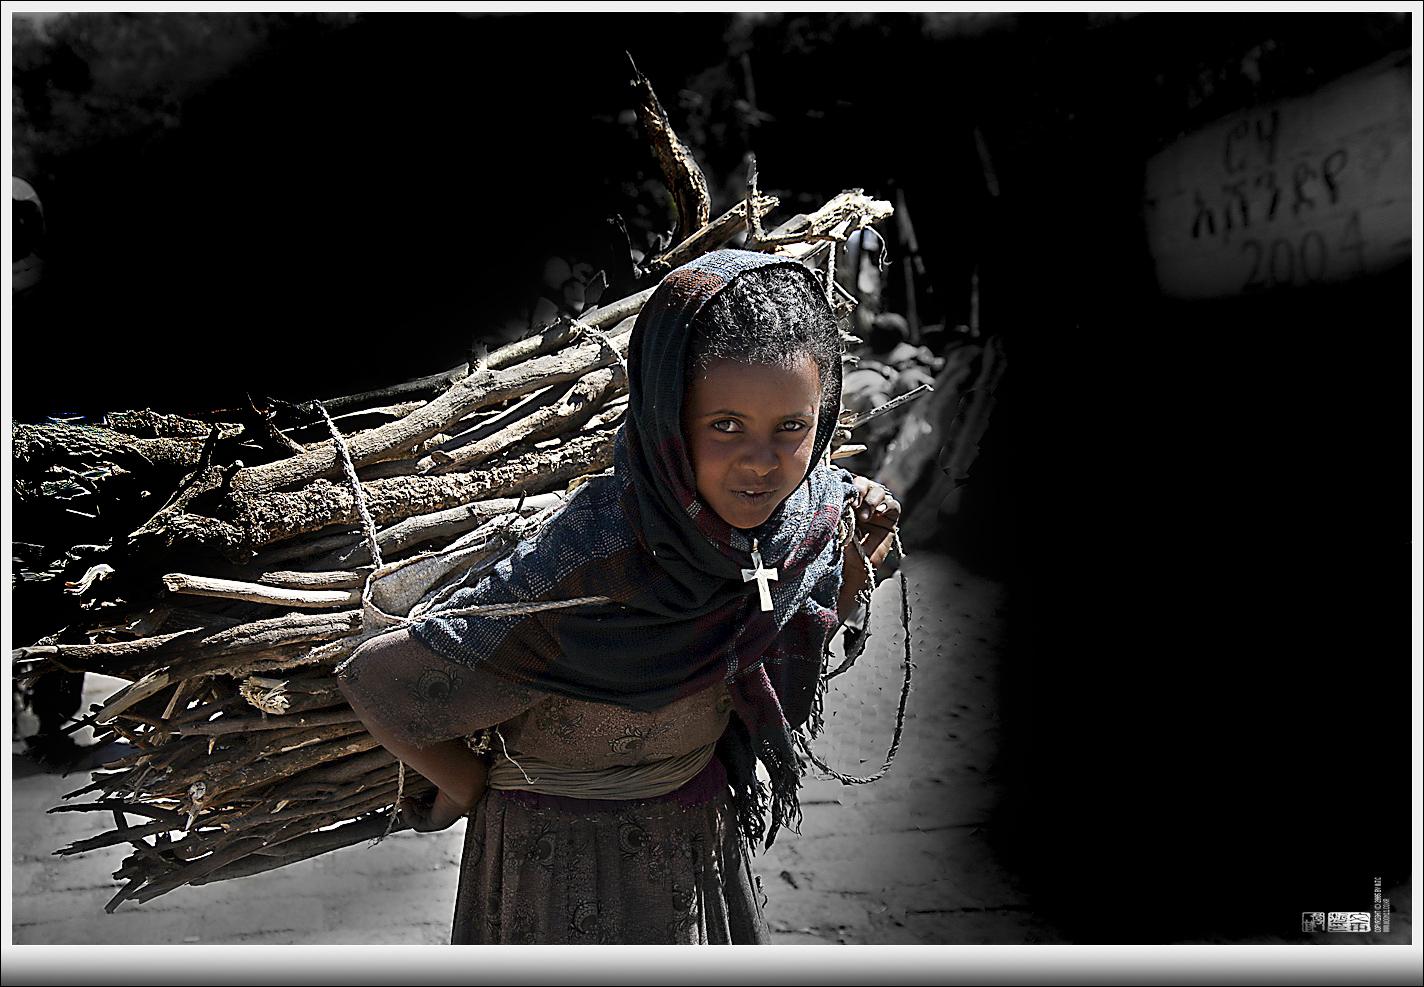 2012년 문 대표가 아프리카 에디오피아 오지에서 촬영한 '나무꾼 소녀'/ 문재철 제공